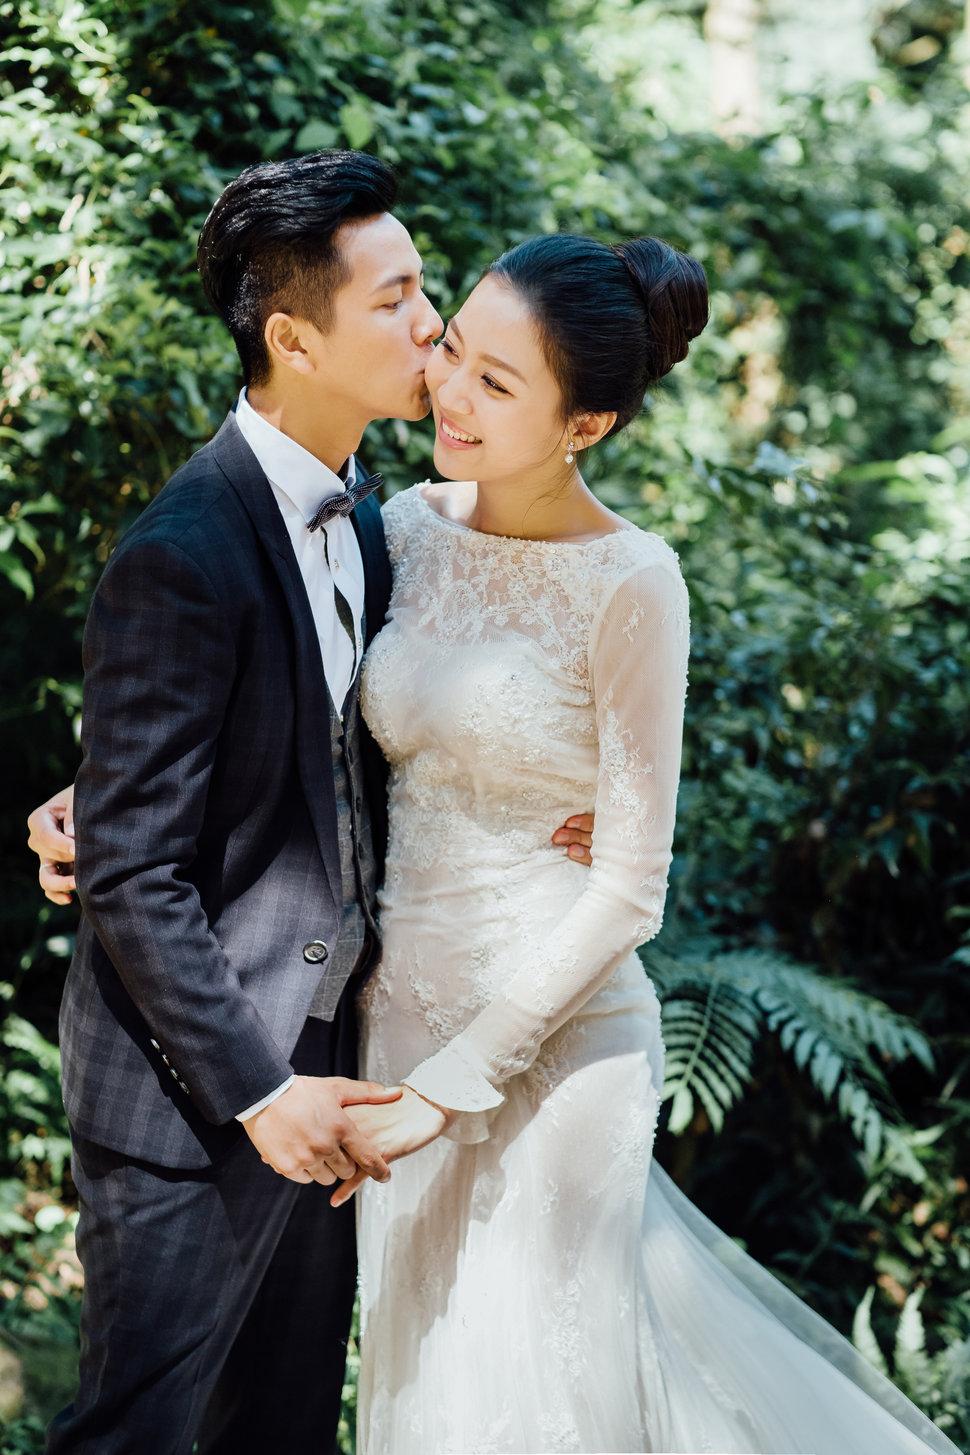 2017-07-22-09h51m25-DSCF4773 - Vicky Li Make Up新娘秘書《結婚吧》